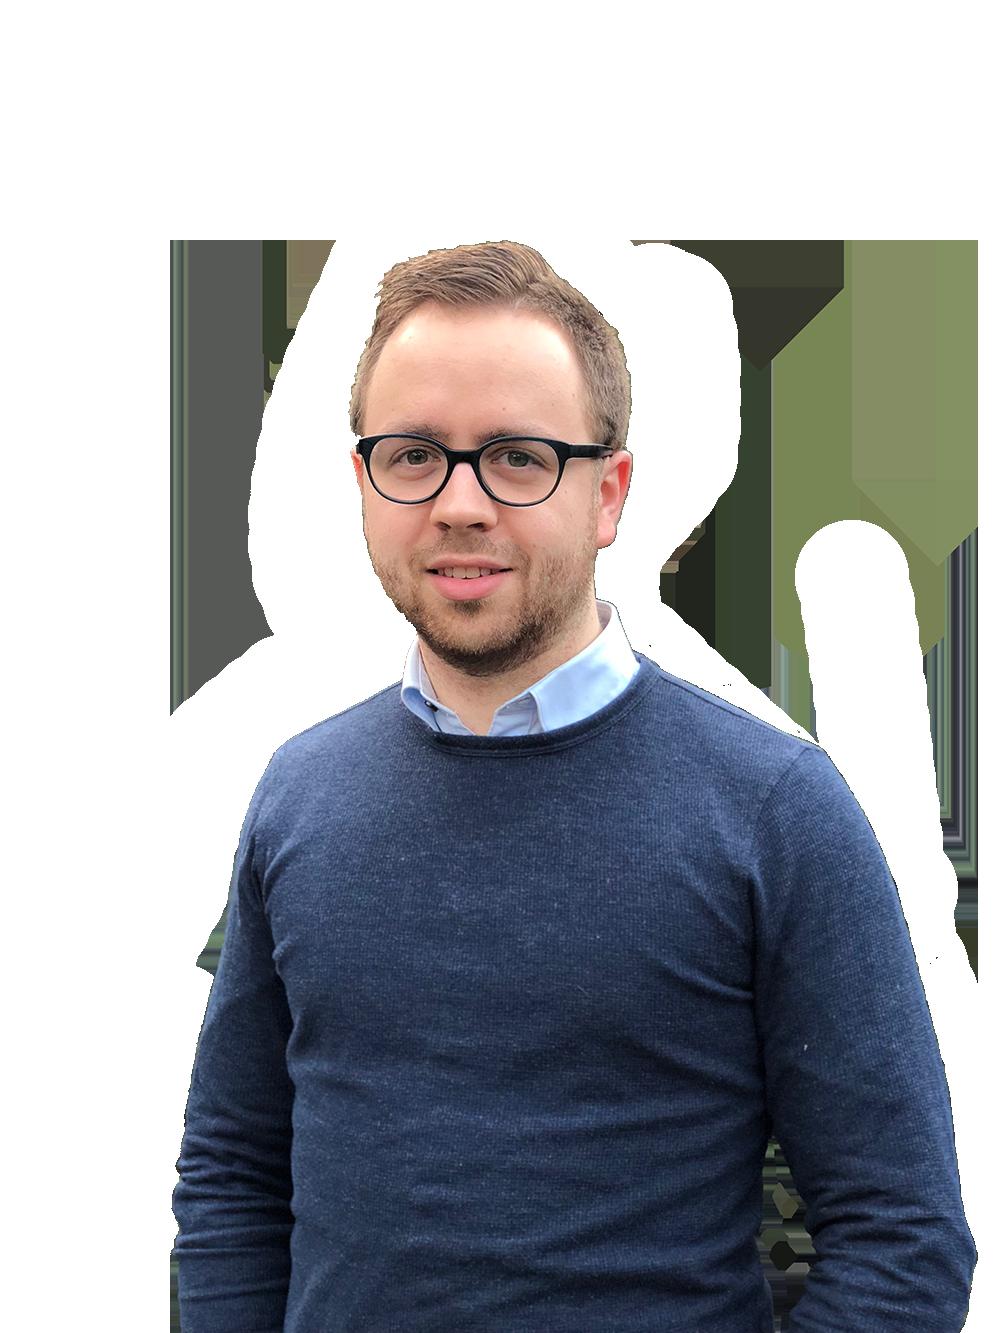 Martijn Oele